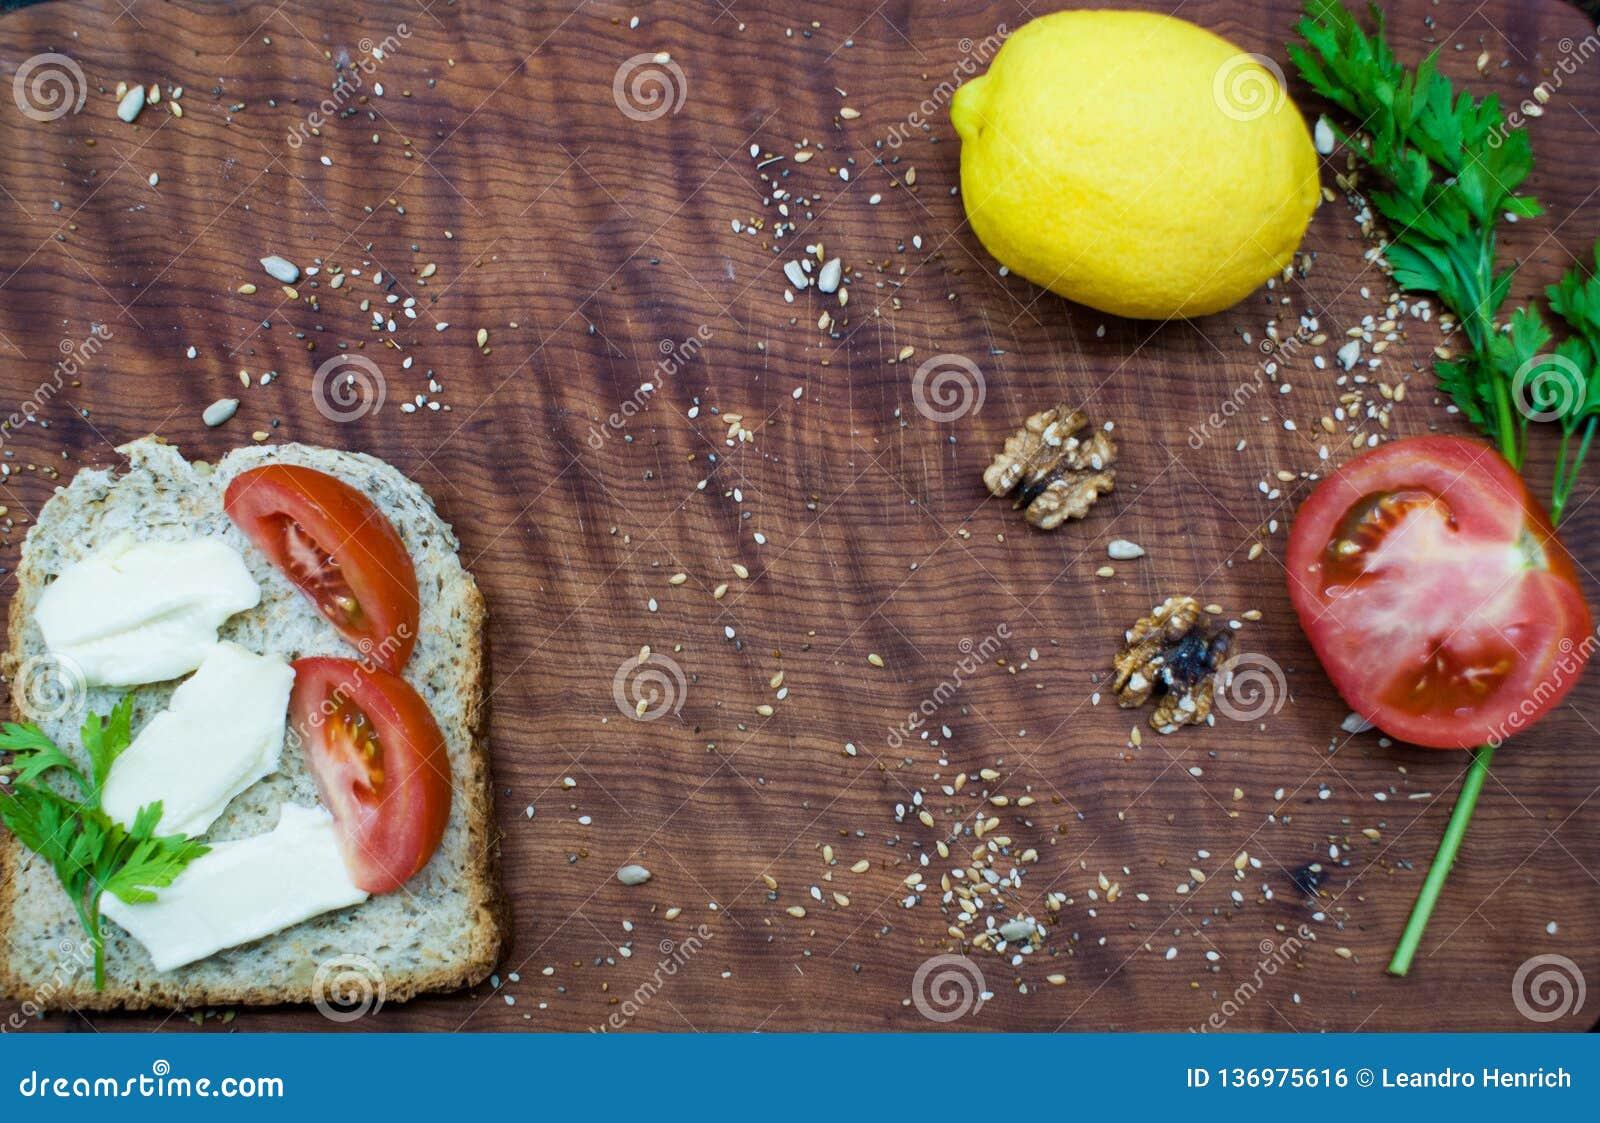 Tempo da refeição matinal: alimento saudável e saboroso